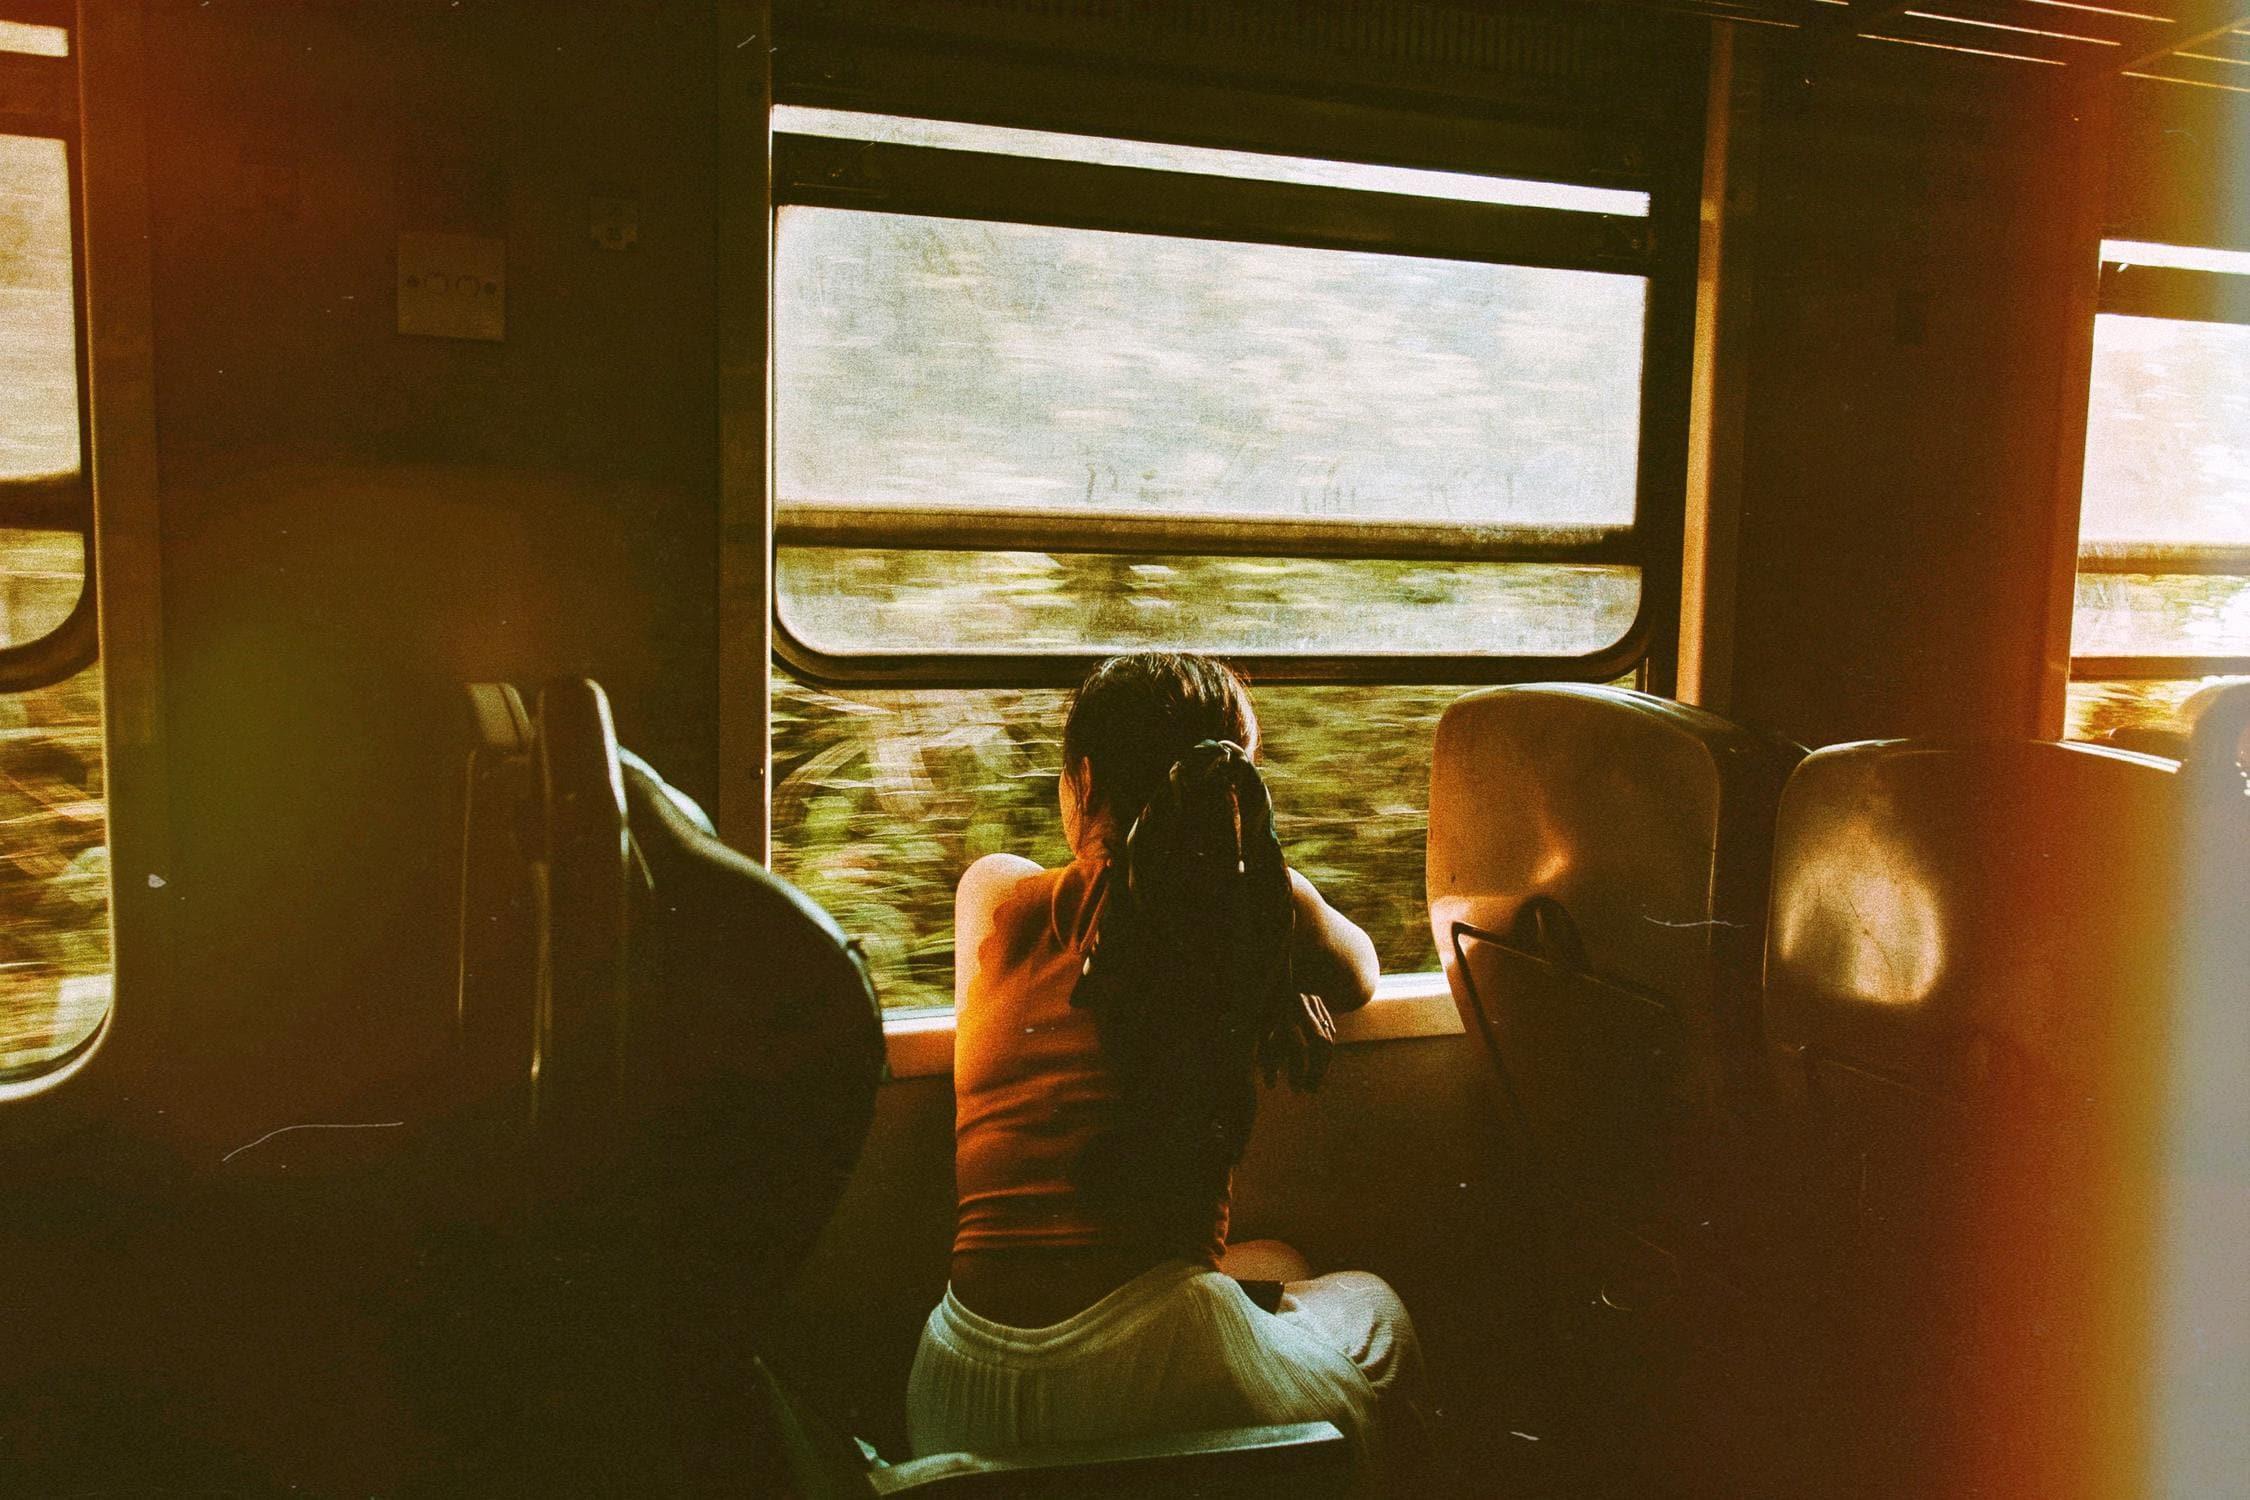 Foto von Zugreise, das Bahnindustrie in Österreich darstellen soll